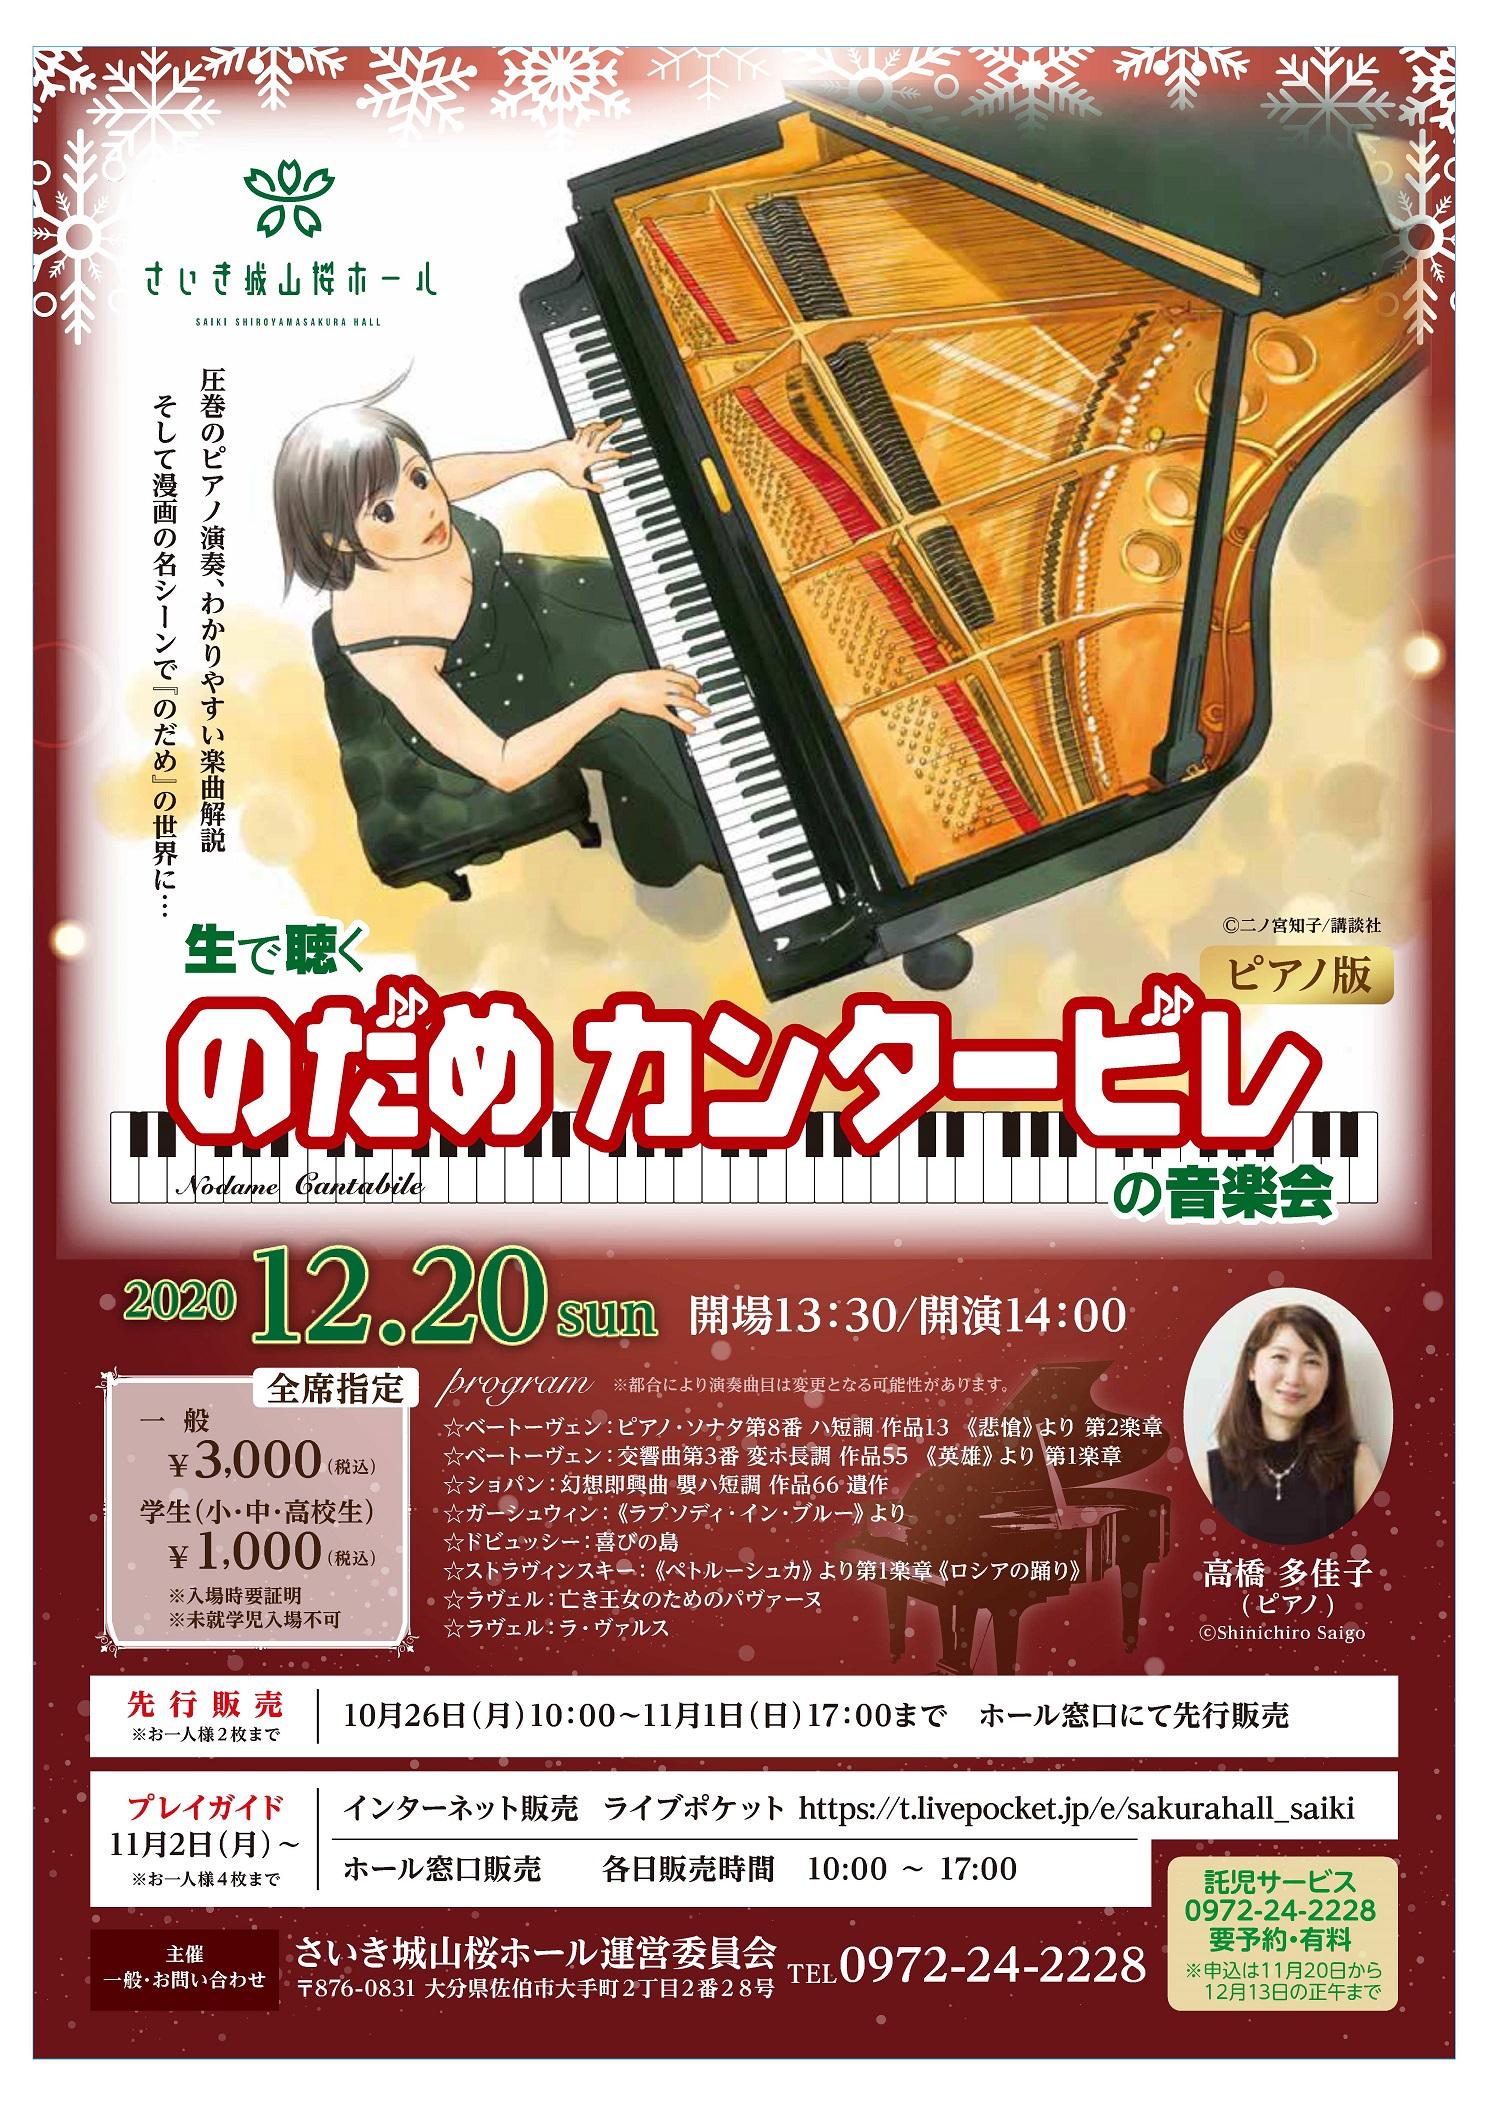 生で聴くのだめカンタービレの音楽会ピアノ版